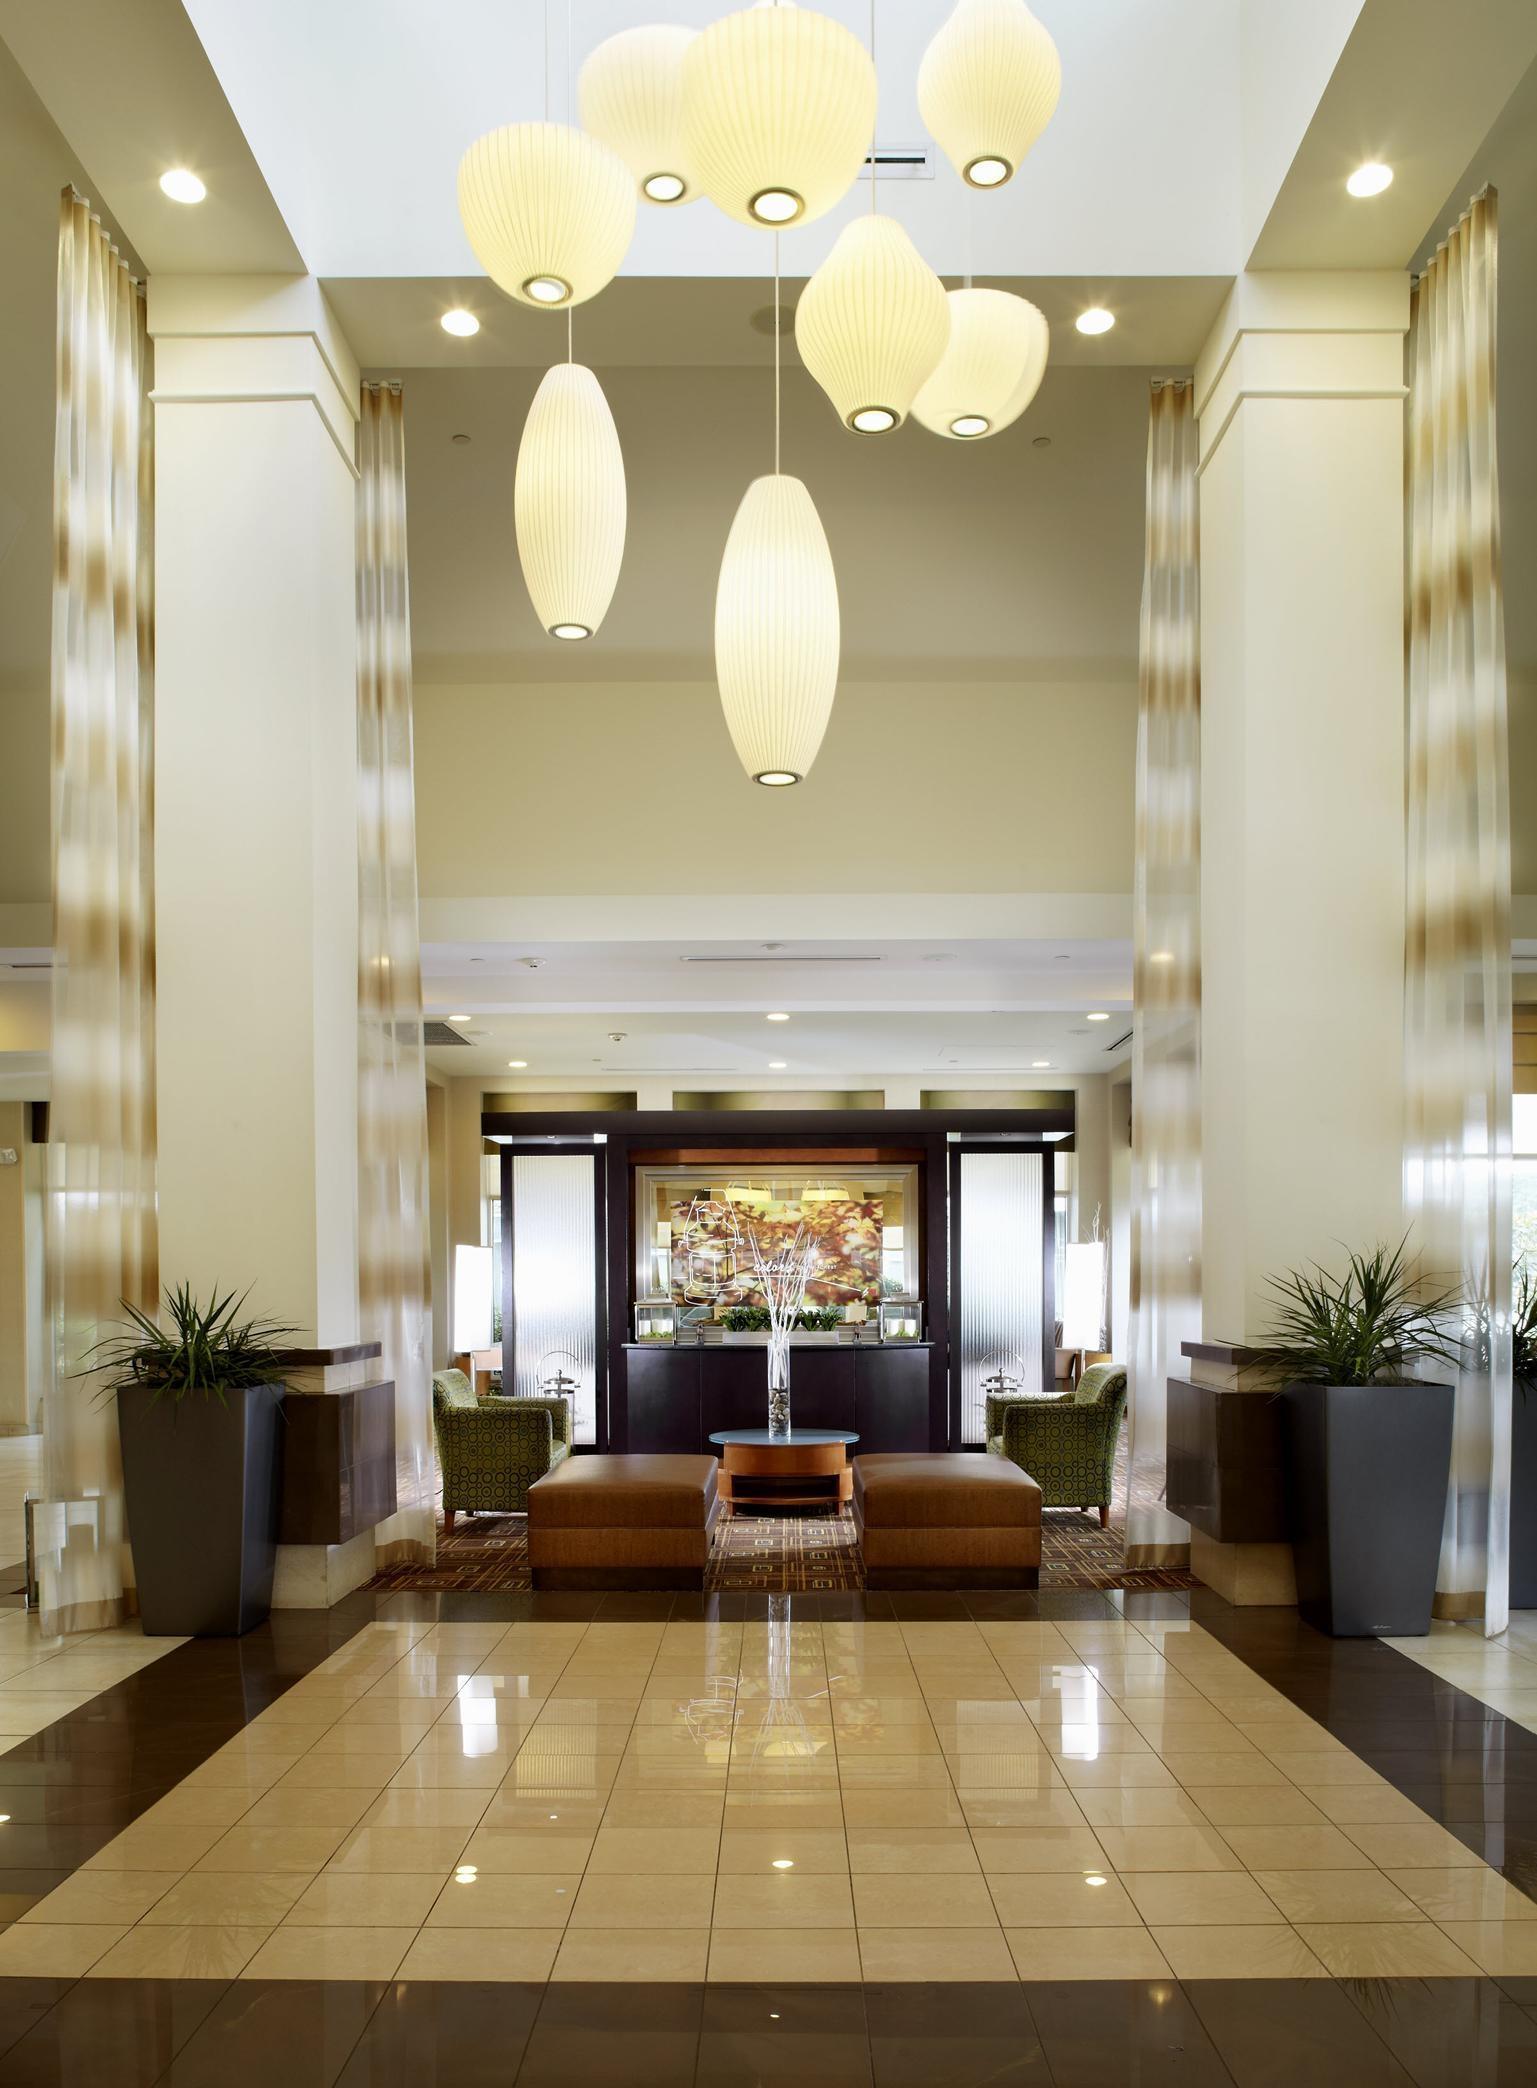 Hilton Garden Inn Dallas Arlington Arlington Texas Tx